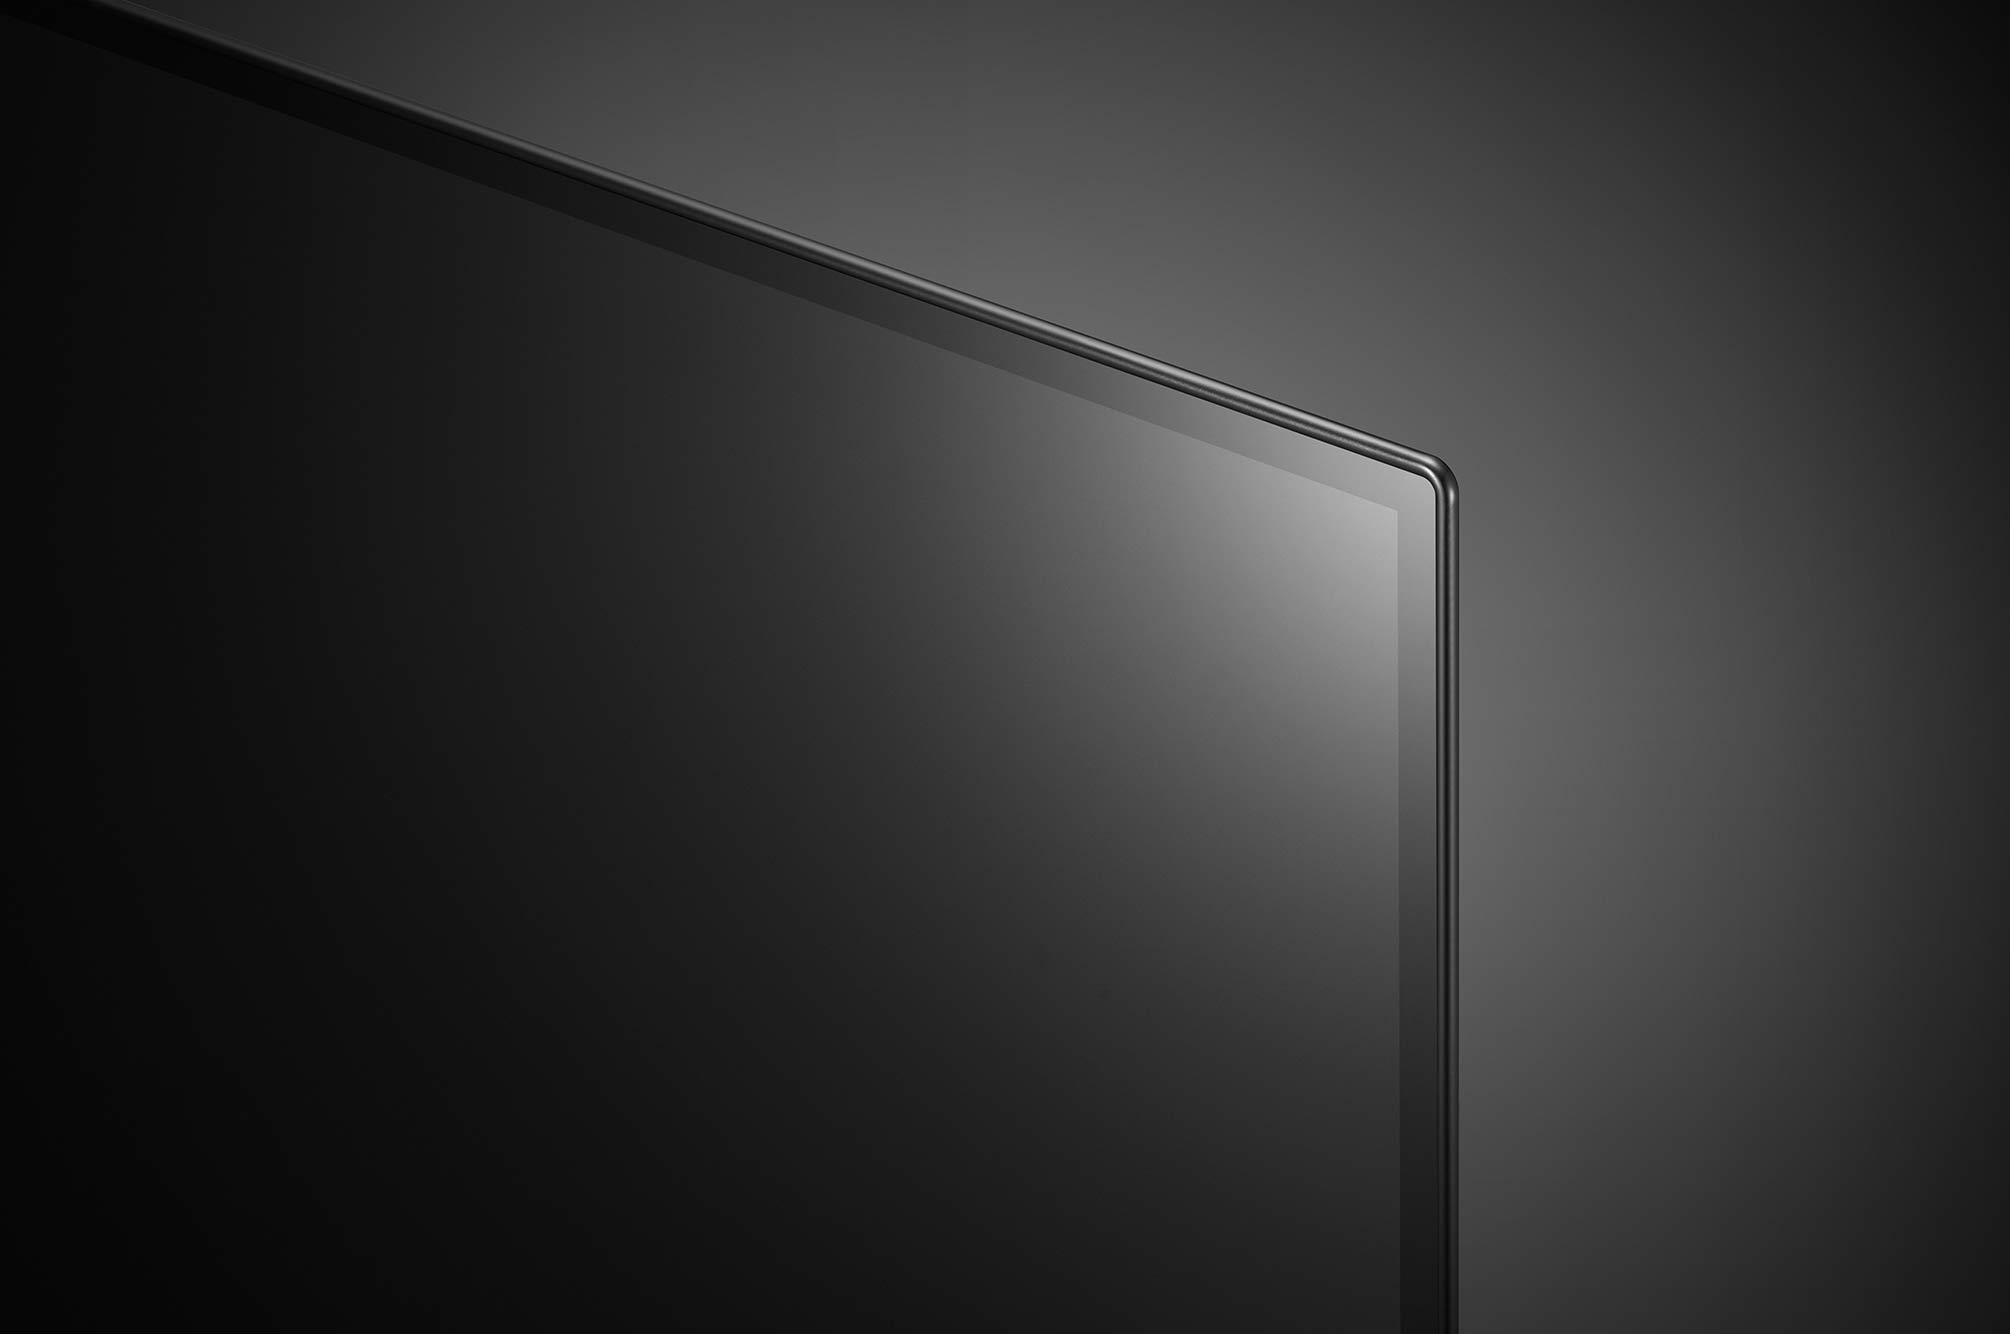 טלוויזיה 55 אינץ' דגם OLED 55C1PVB  בטכנולוגיית LG OLED 4K Ultra HD אל ג'י - תמונה 10